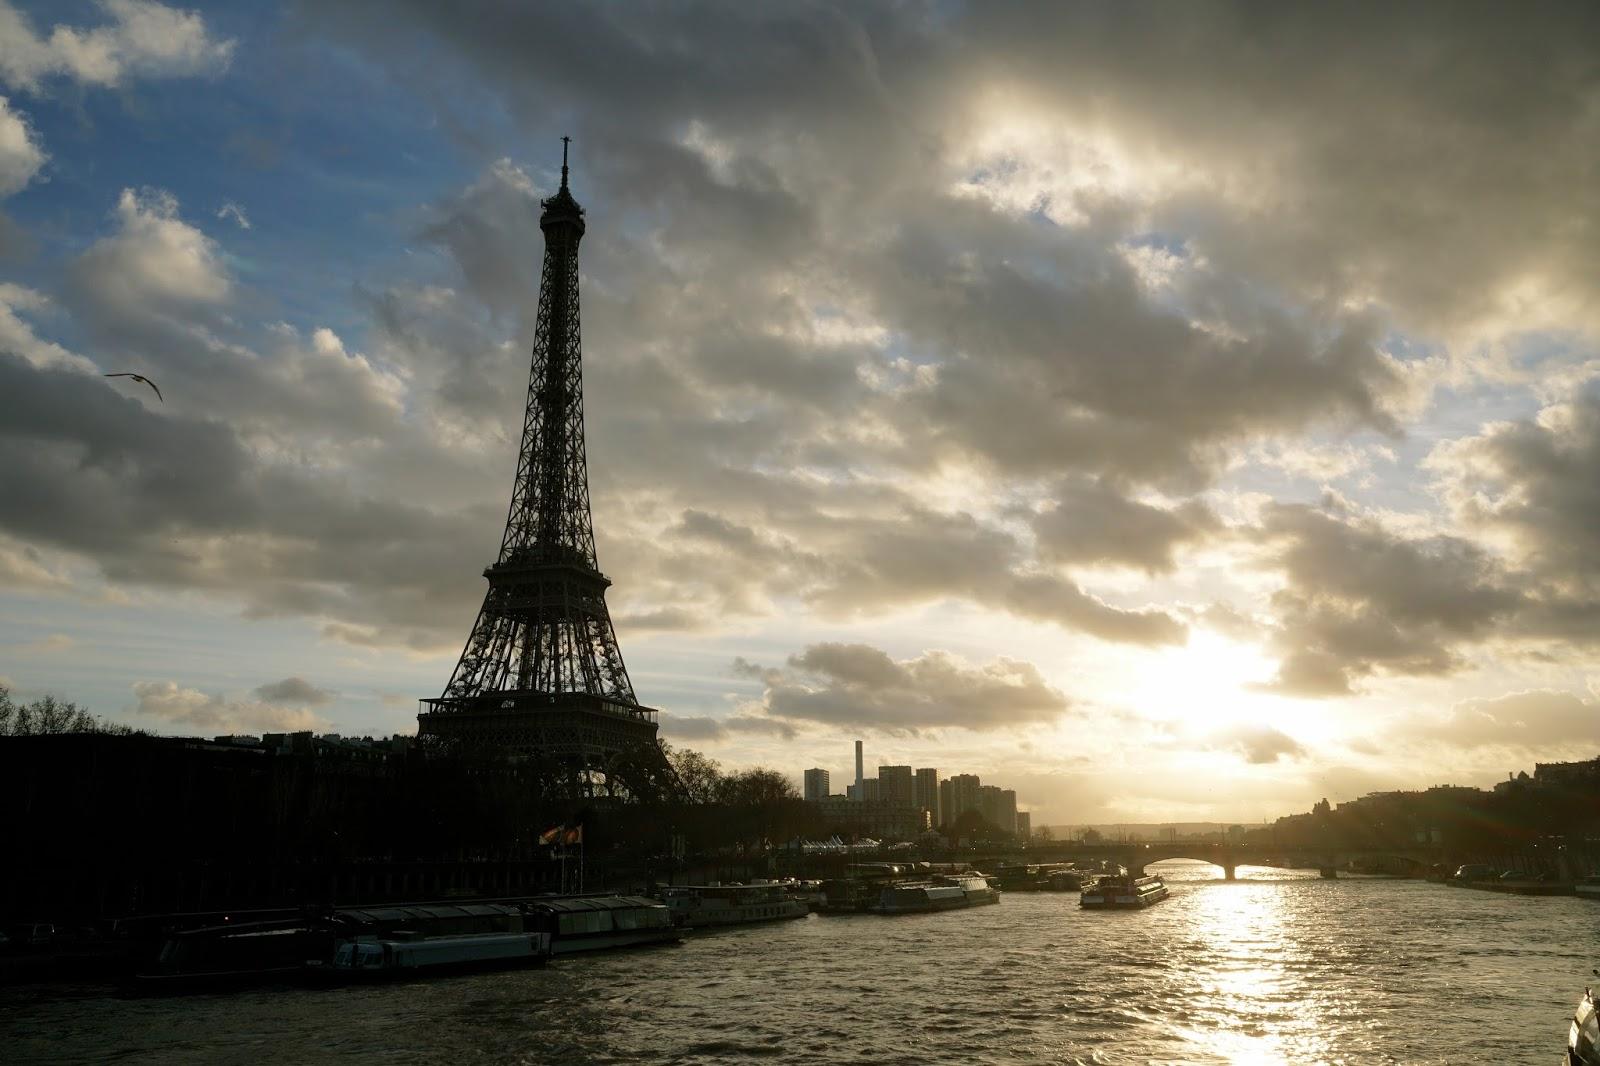 夕焼けのセーヌ川(La Seine)とエッフェル塔(La tour Eiffel)